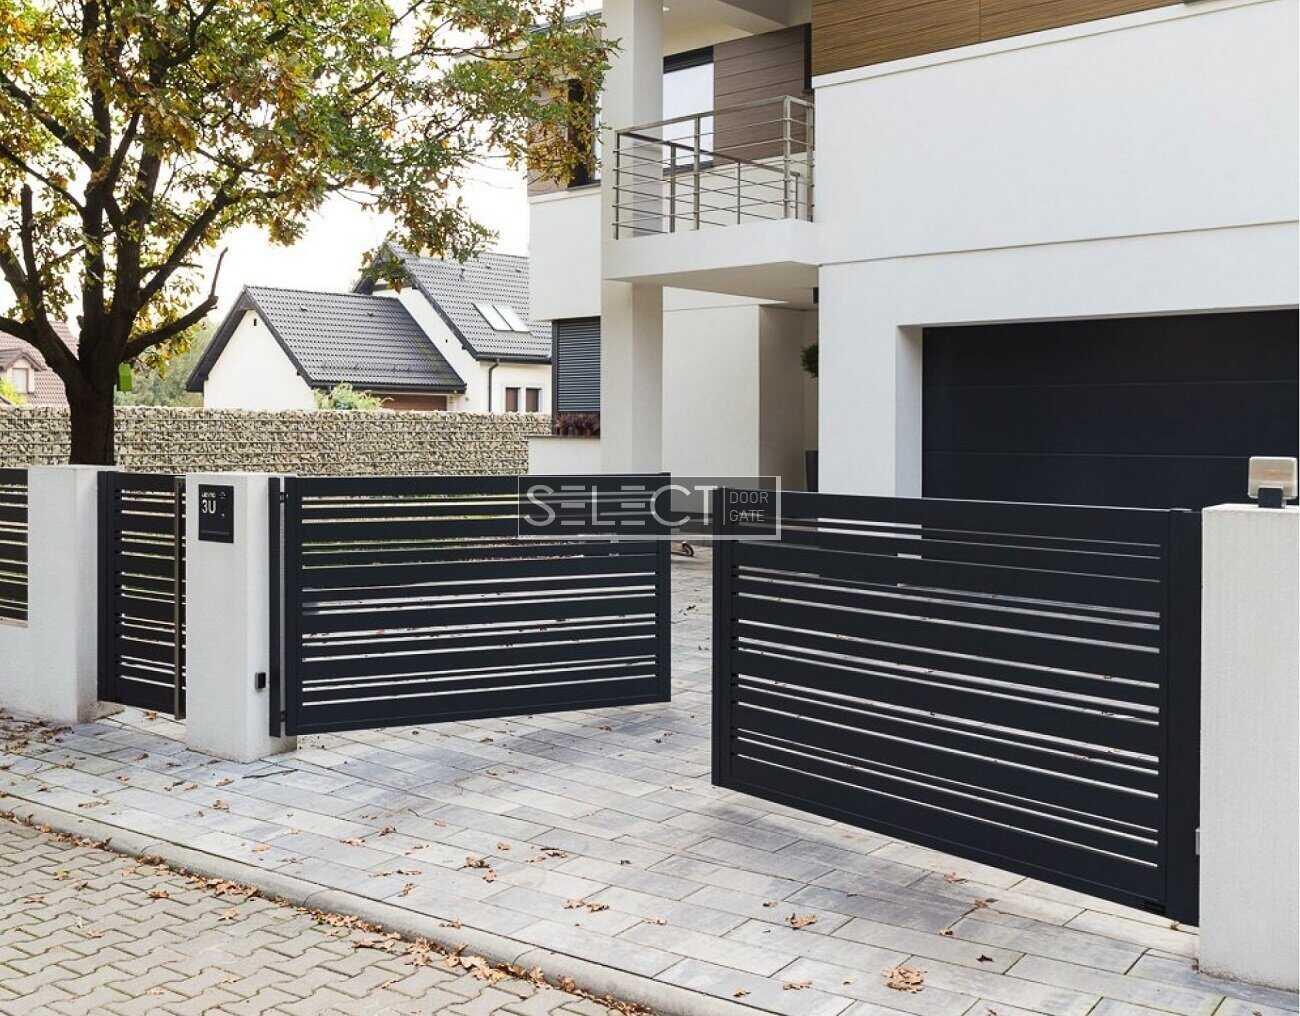 Распашные ворота с калиткой - уличные металлические въездные ограждения селект